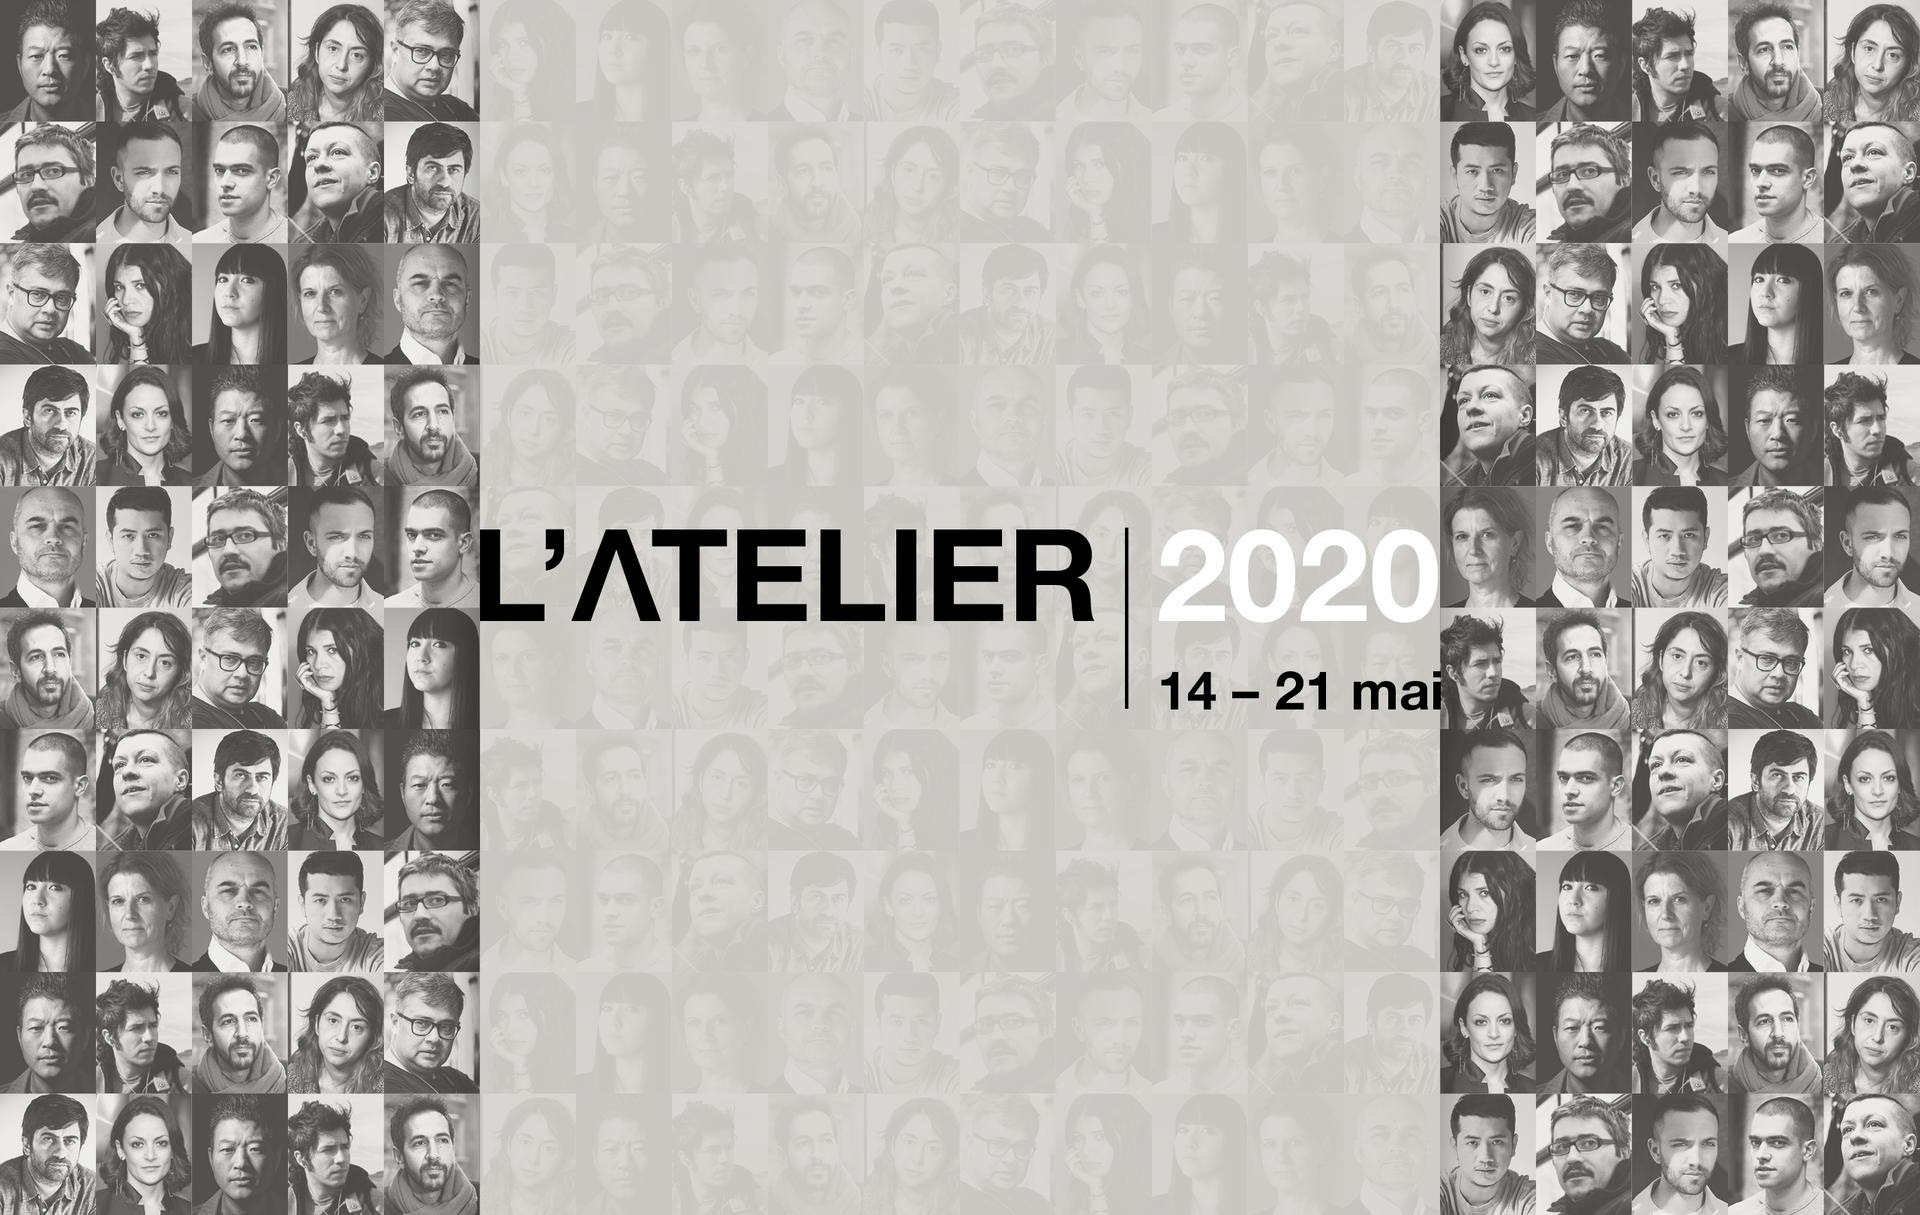 Festival de Cannes:  L'Atelier 2020